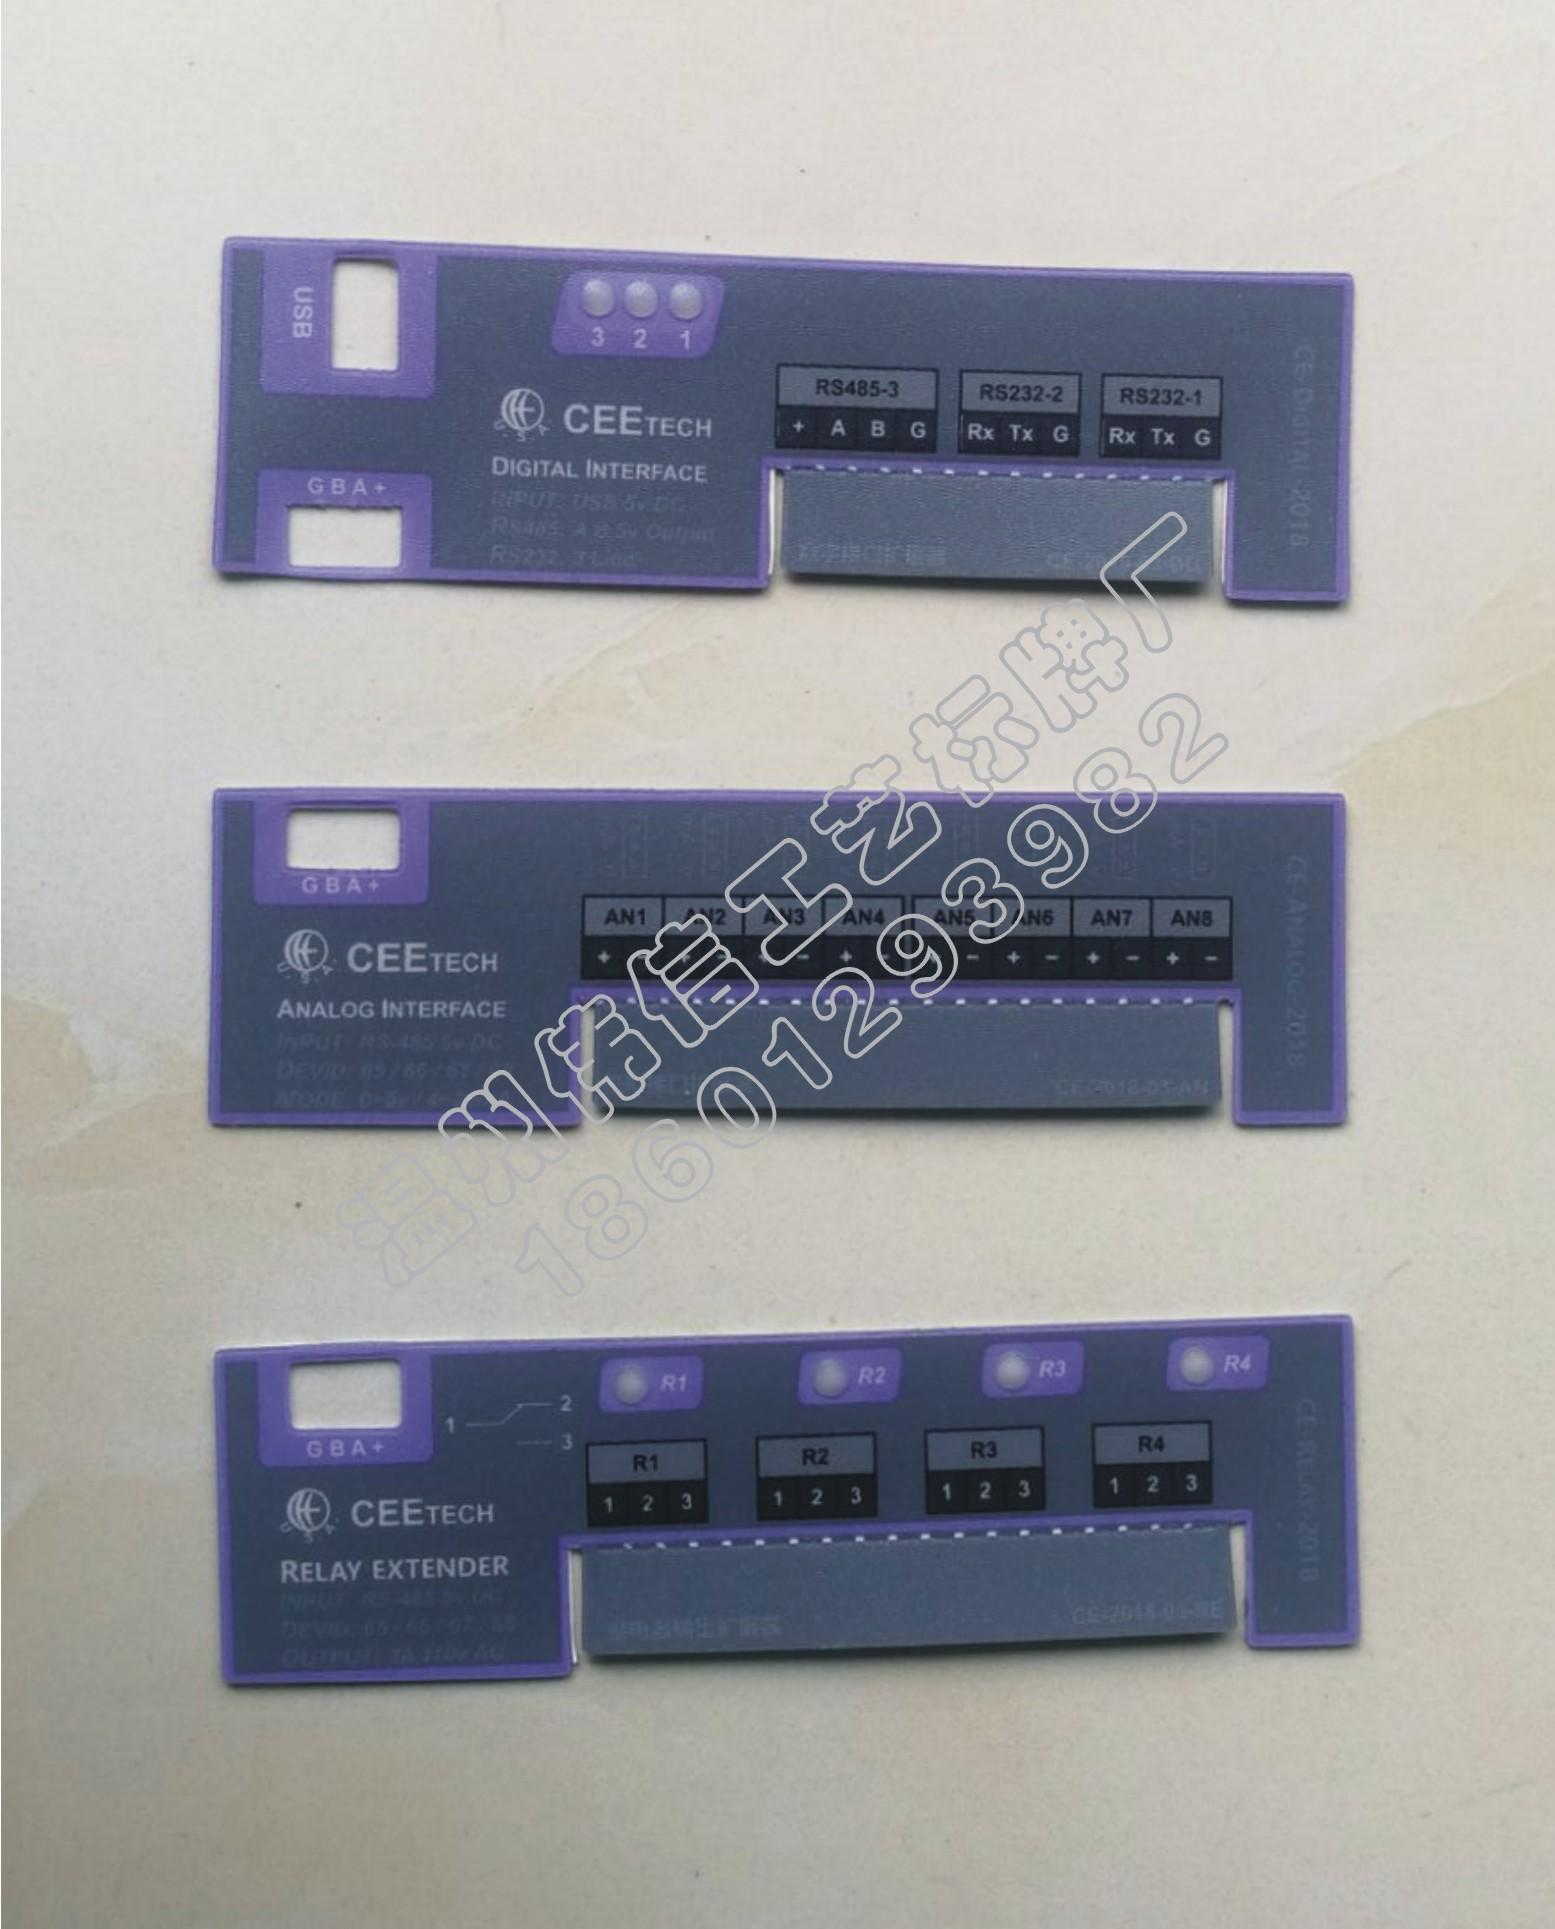 Bảng điều khiển màng PET Bộ công cụ PVC nút phim Bộ định tuyến PC mặt nạ phim tùy chỉnh nhãn - Thiết bị đóng gói / Dấu hiệu & Thiết bị